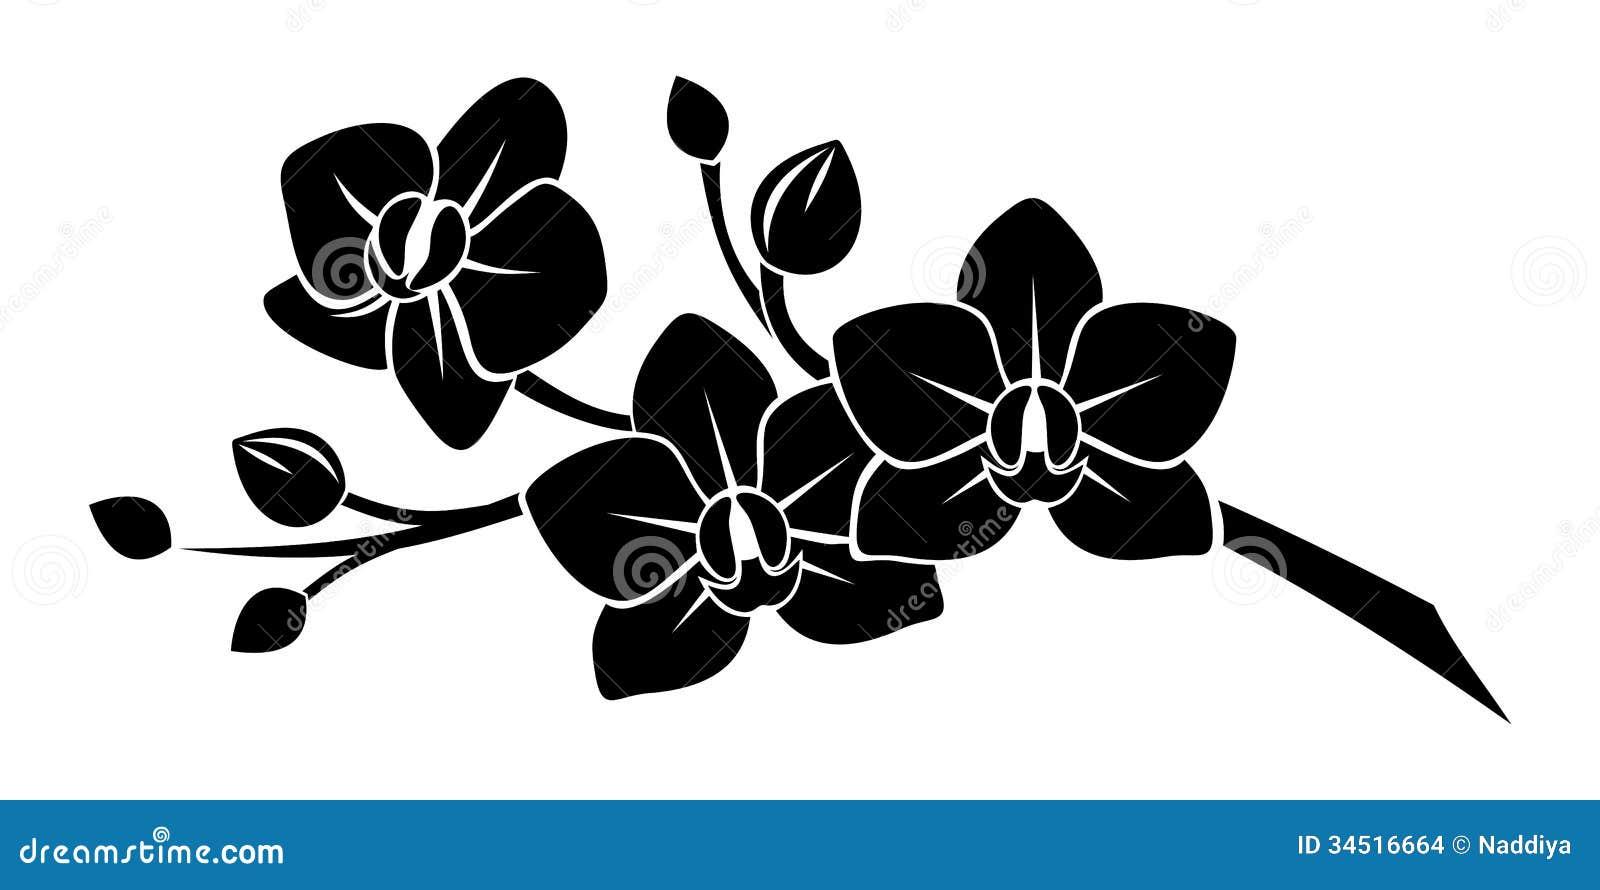 silhouette noire des fleurs d'orchidée. images stock - image: 34516664